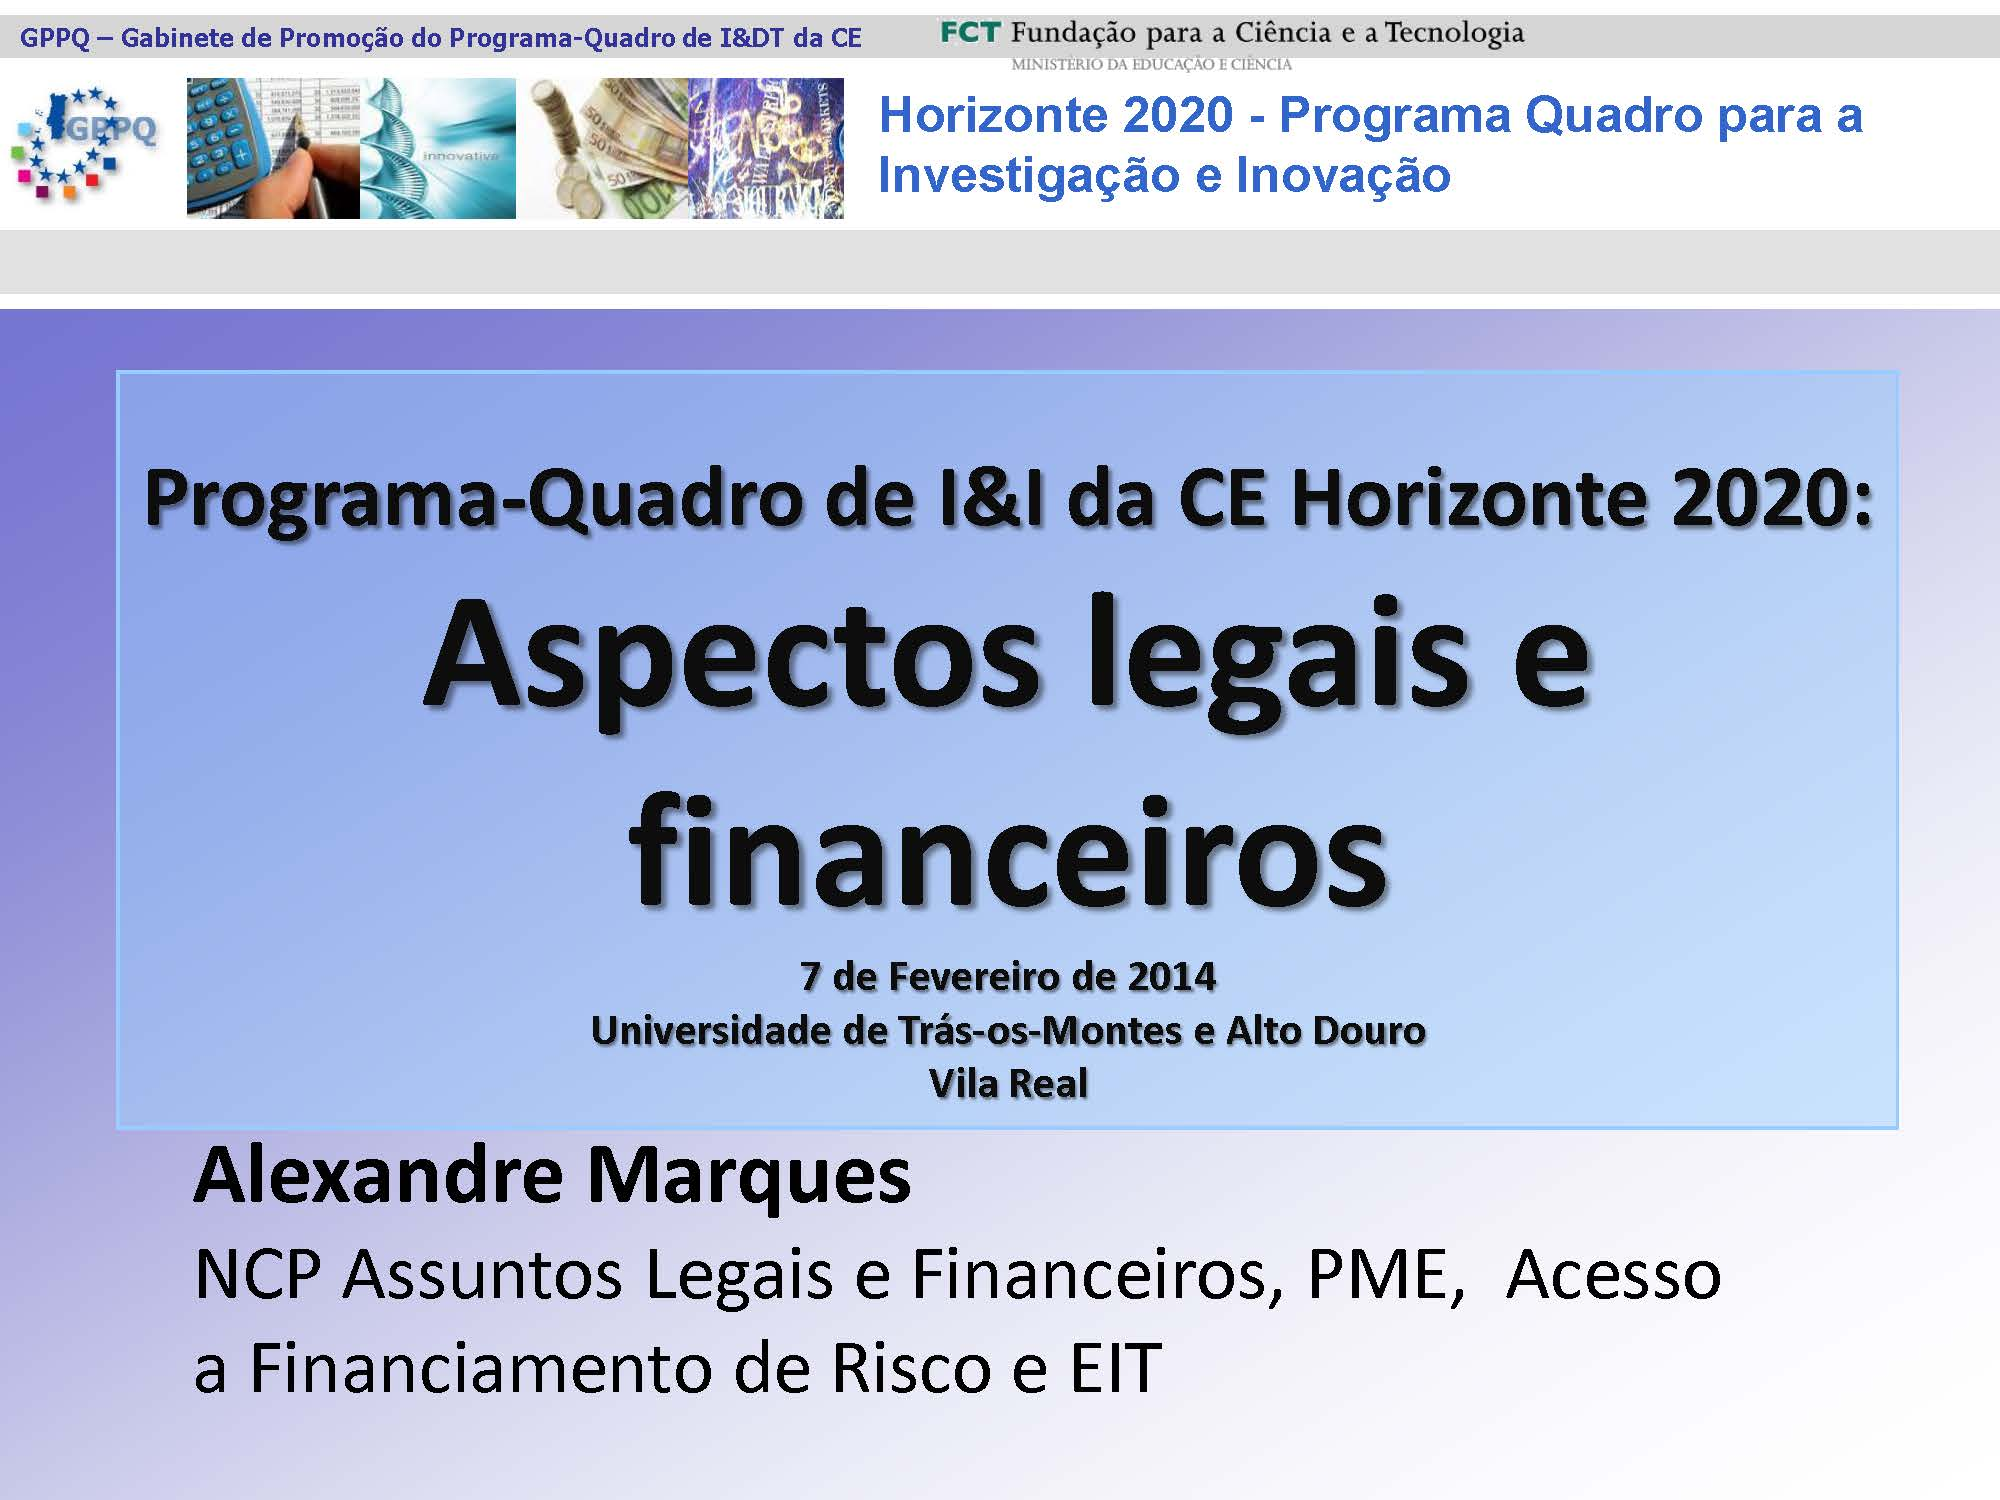 Cartaz: Seminário: Horizonte 2020 - Aspetos legais e financeiros